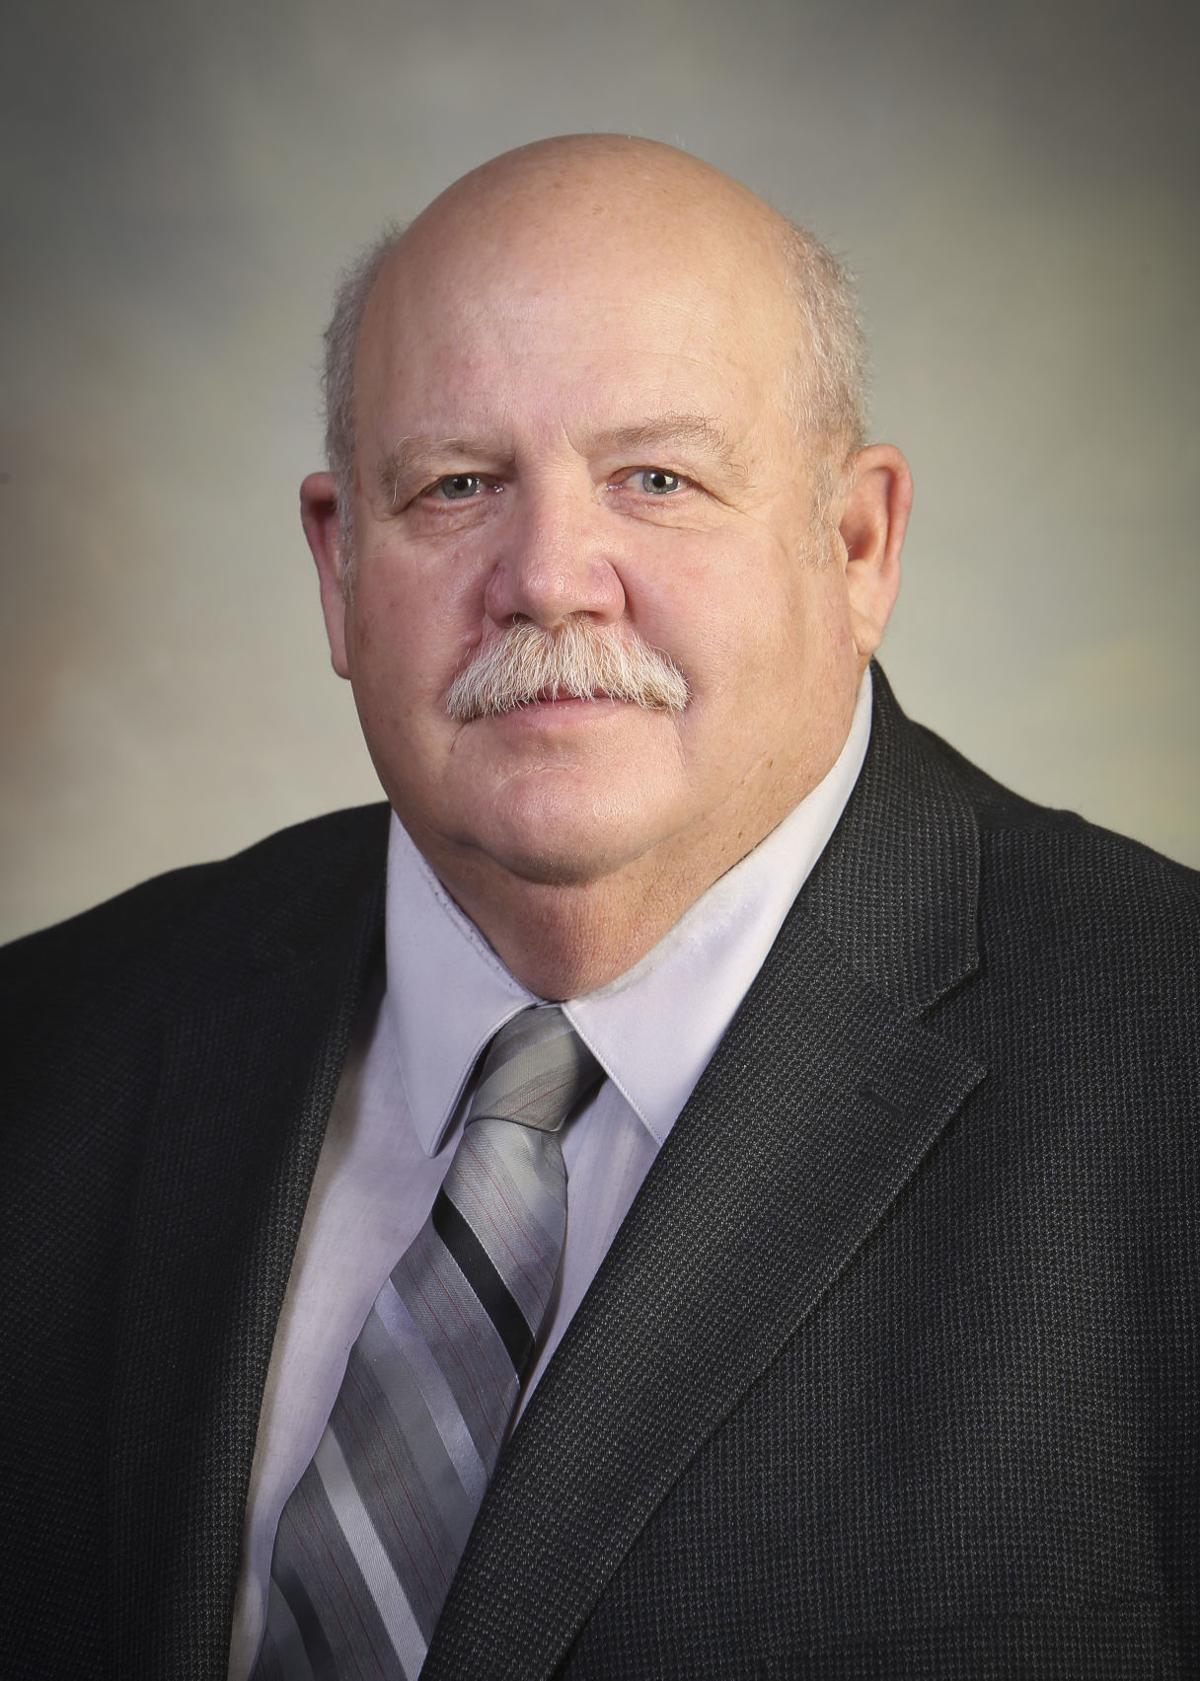 Rep. Jeff Delzer